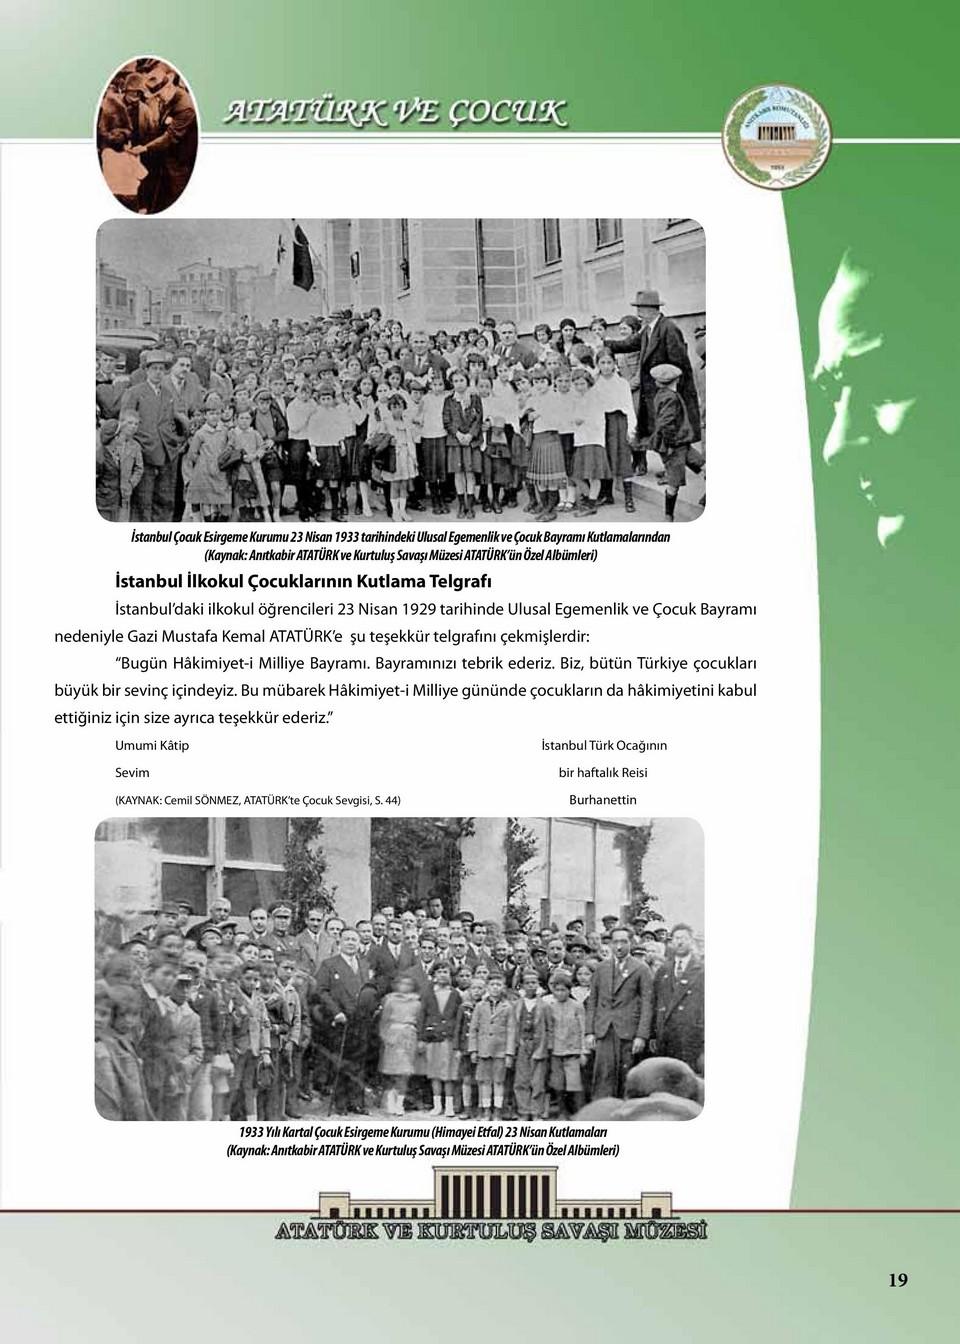 ataturkvecocuk-page-021